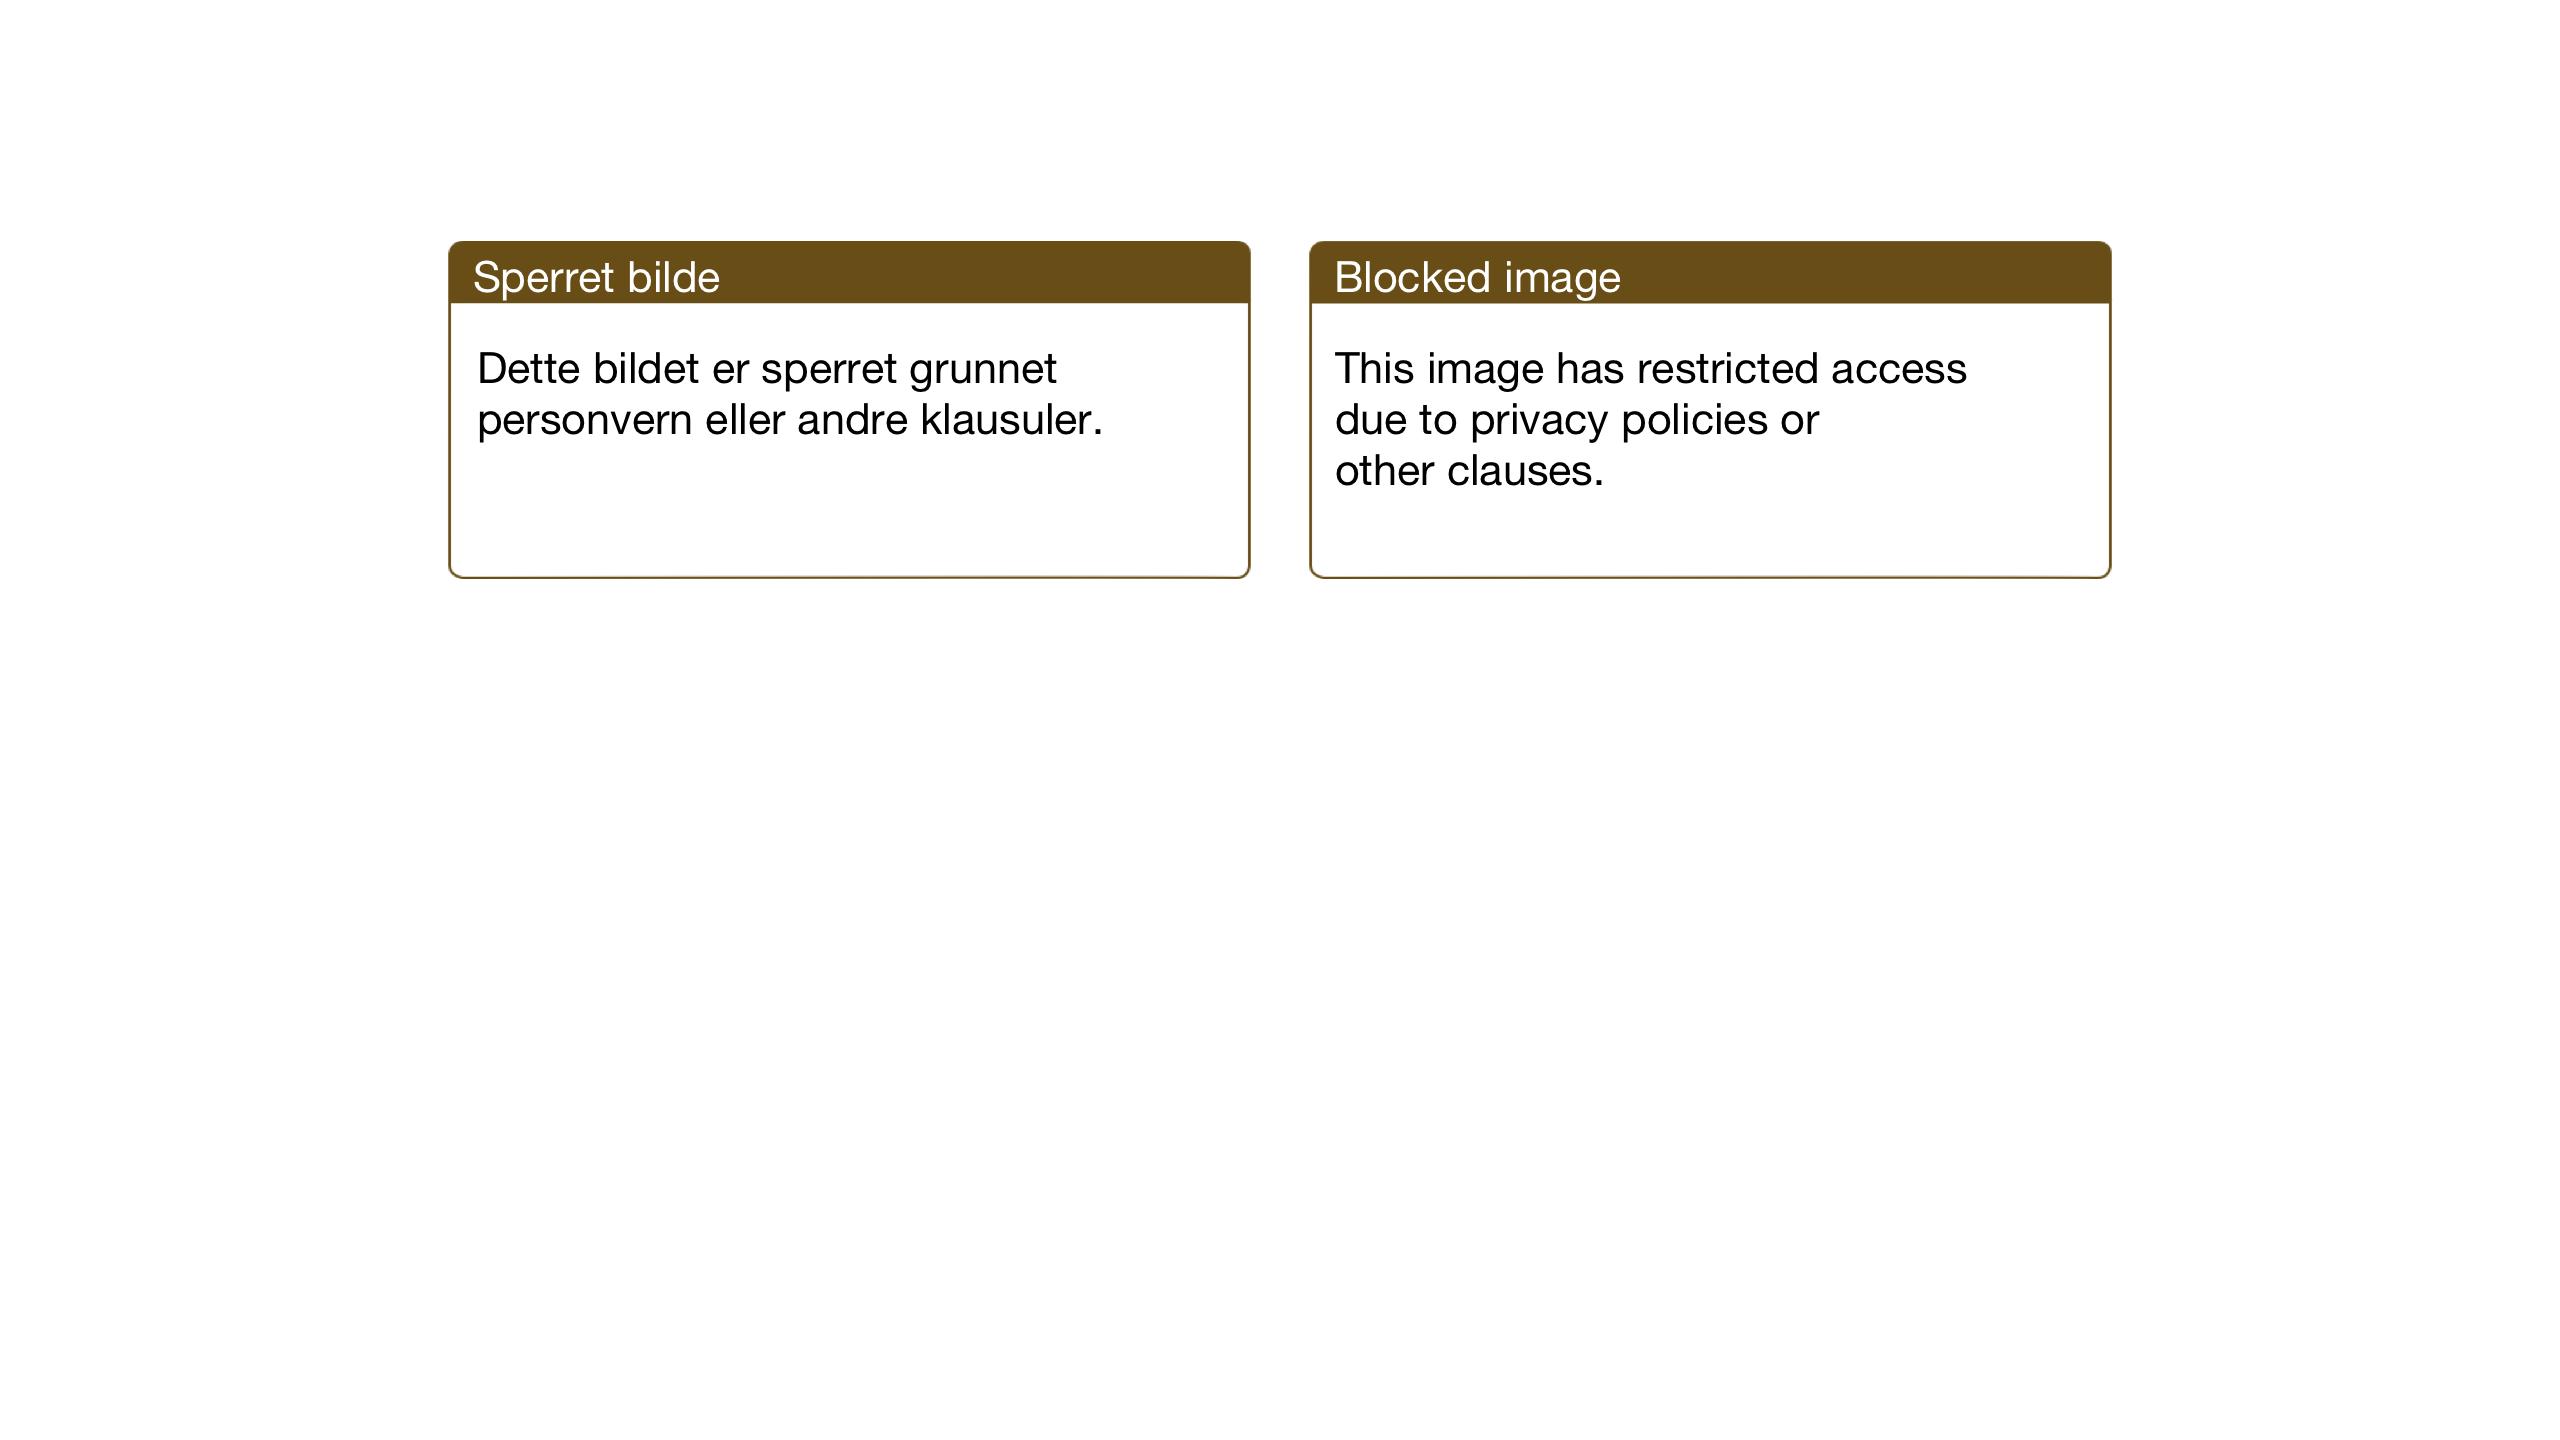 SAT, Ministerialprotokoller, klokkerbøker og fødselsregistre - Sør-Trøndelag, 603/L0174: Klokkerbok nr. 603C02, 1923-1951, s. 158